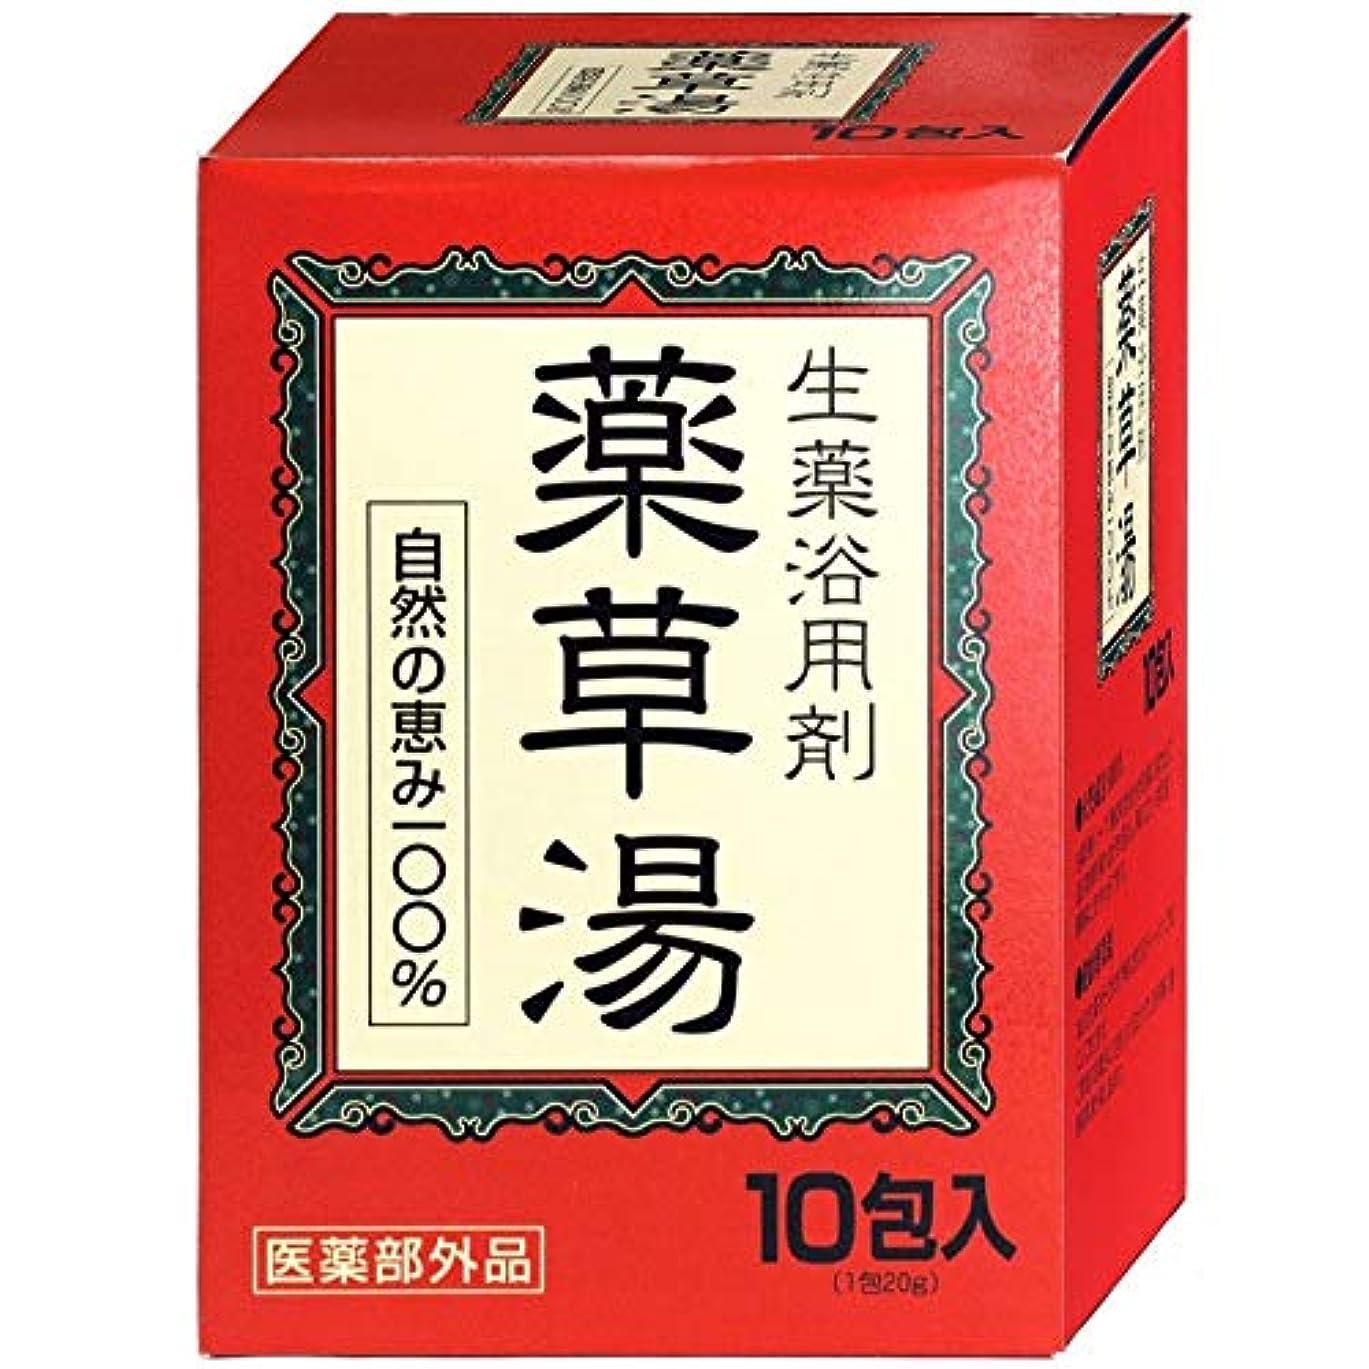 委員会重なるラショナルVVN生薬入浴剤薬草湯10包×(10セット)